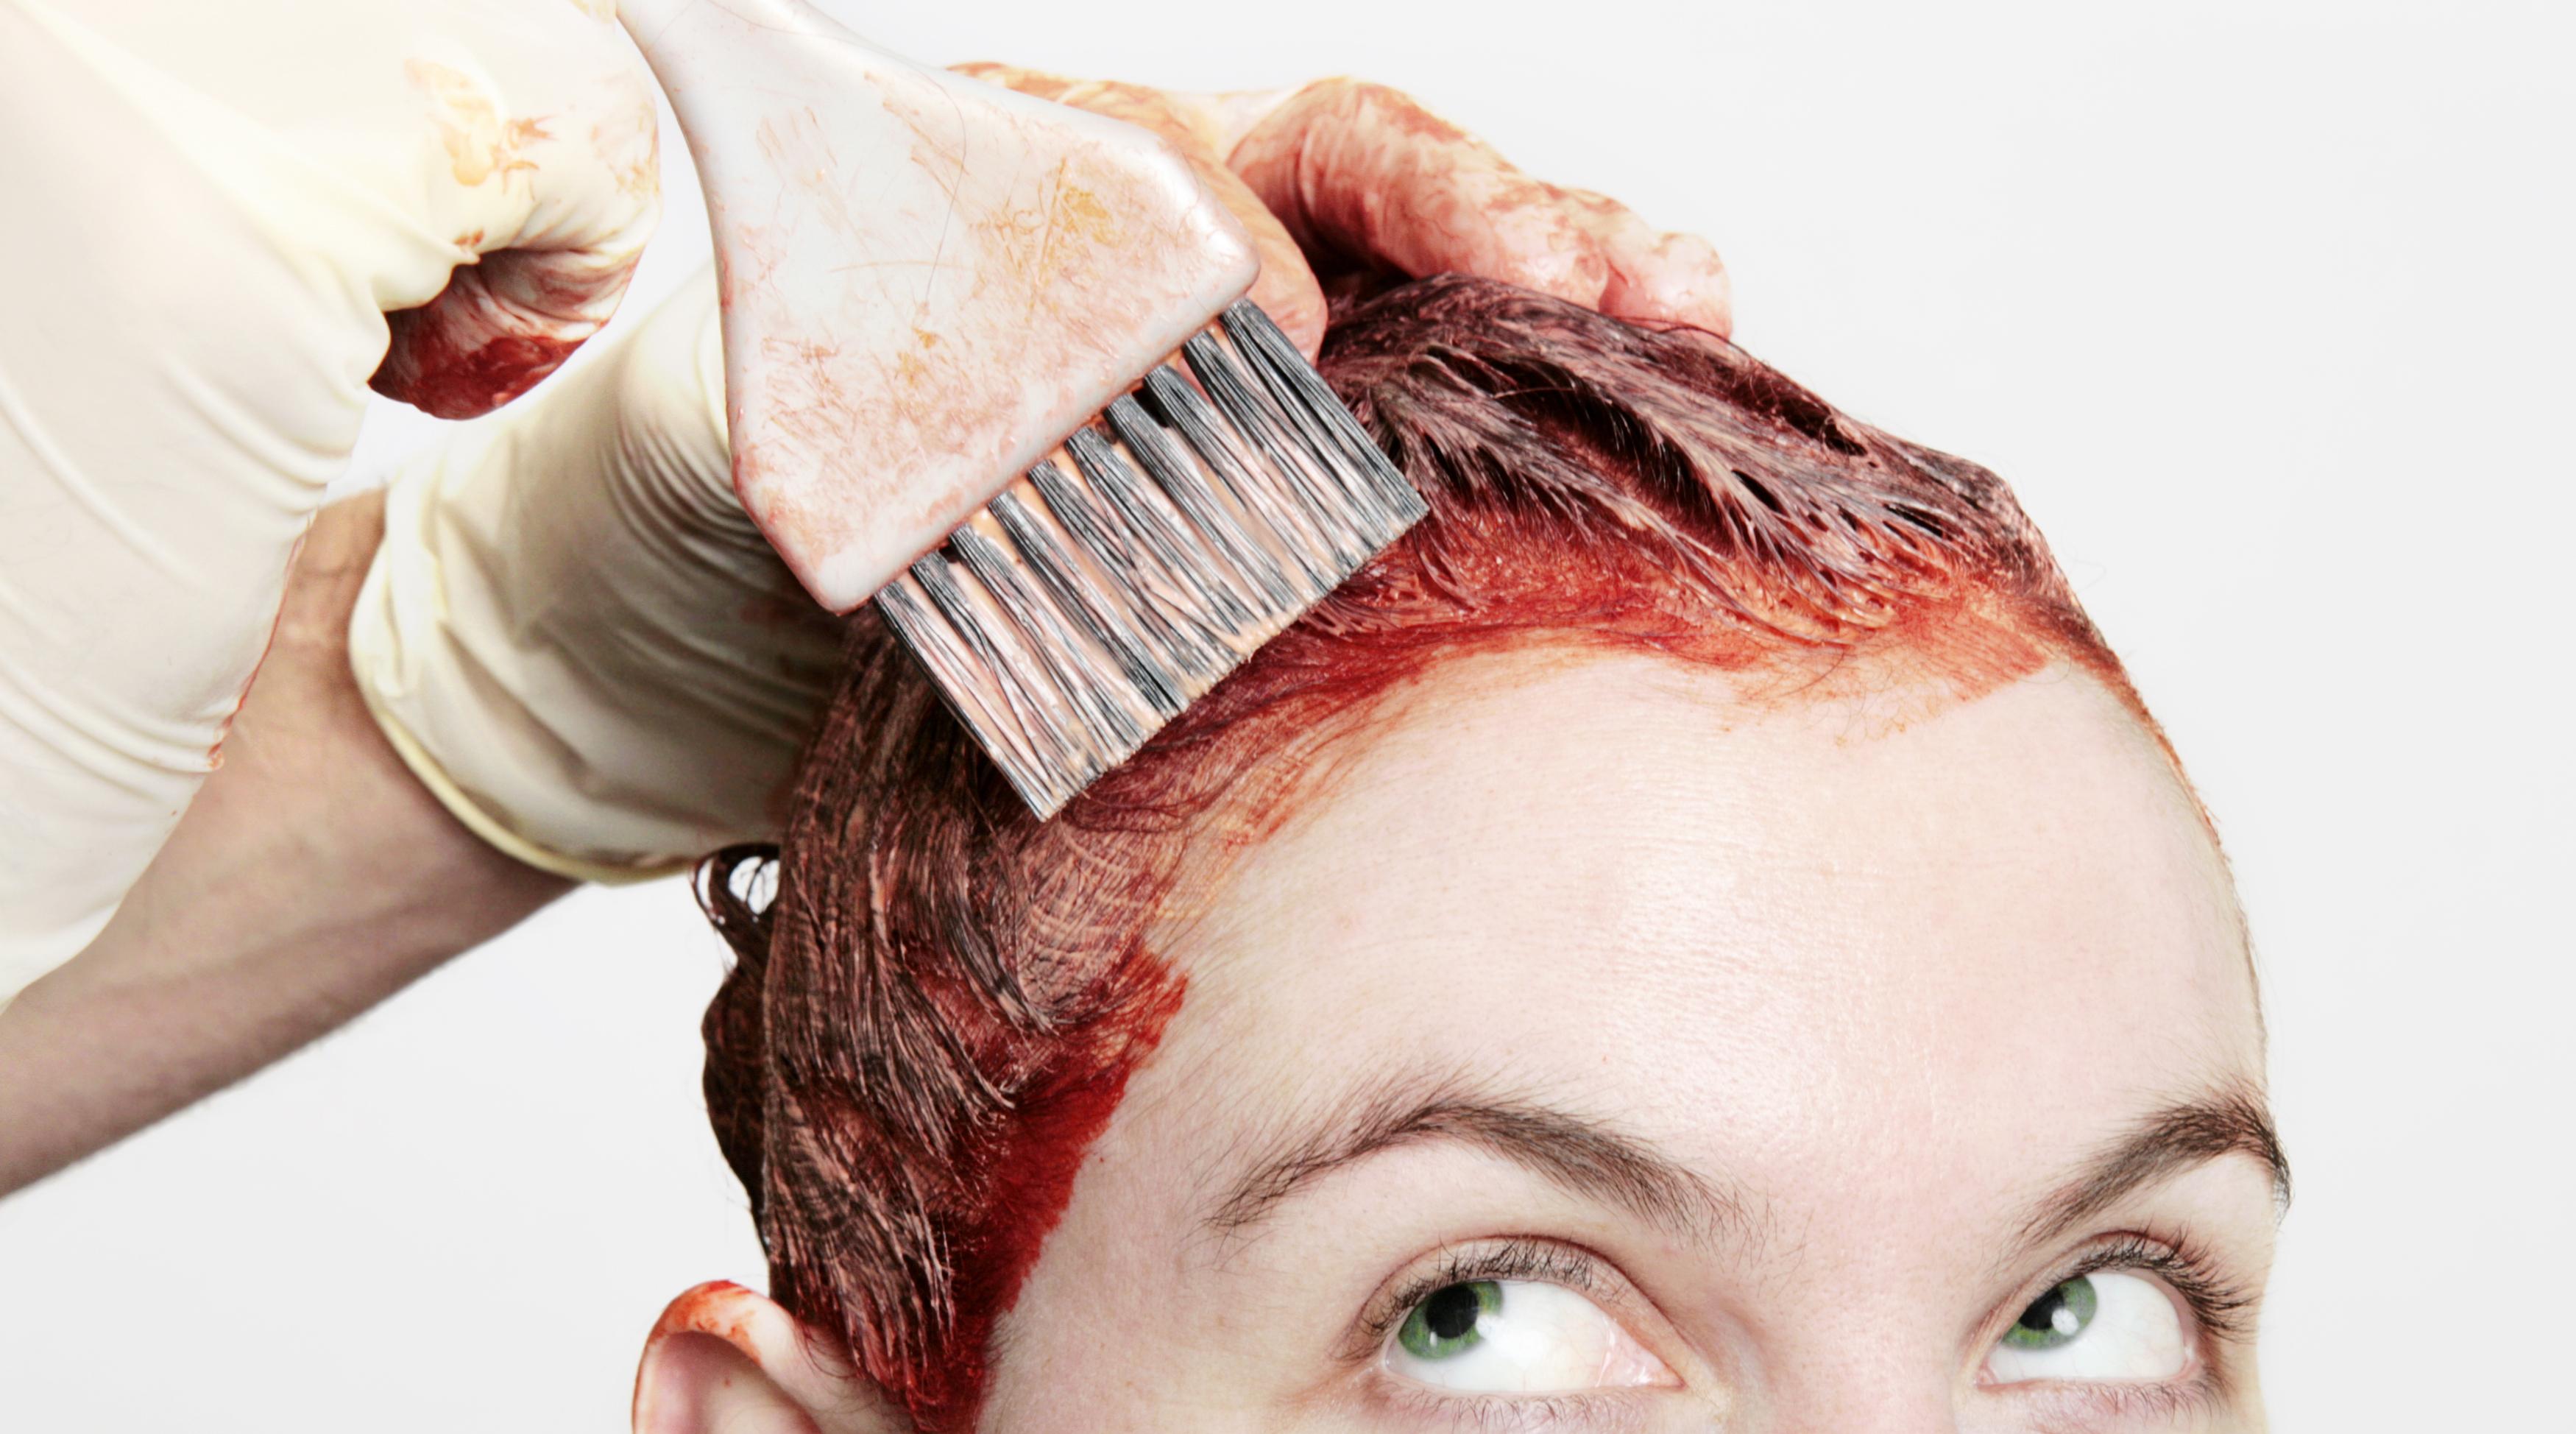 Окраска волос: как правильно красить волосы краской в 59